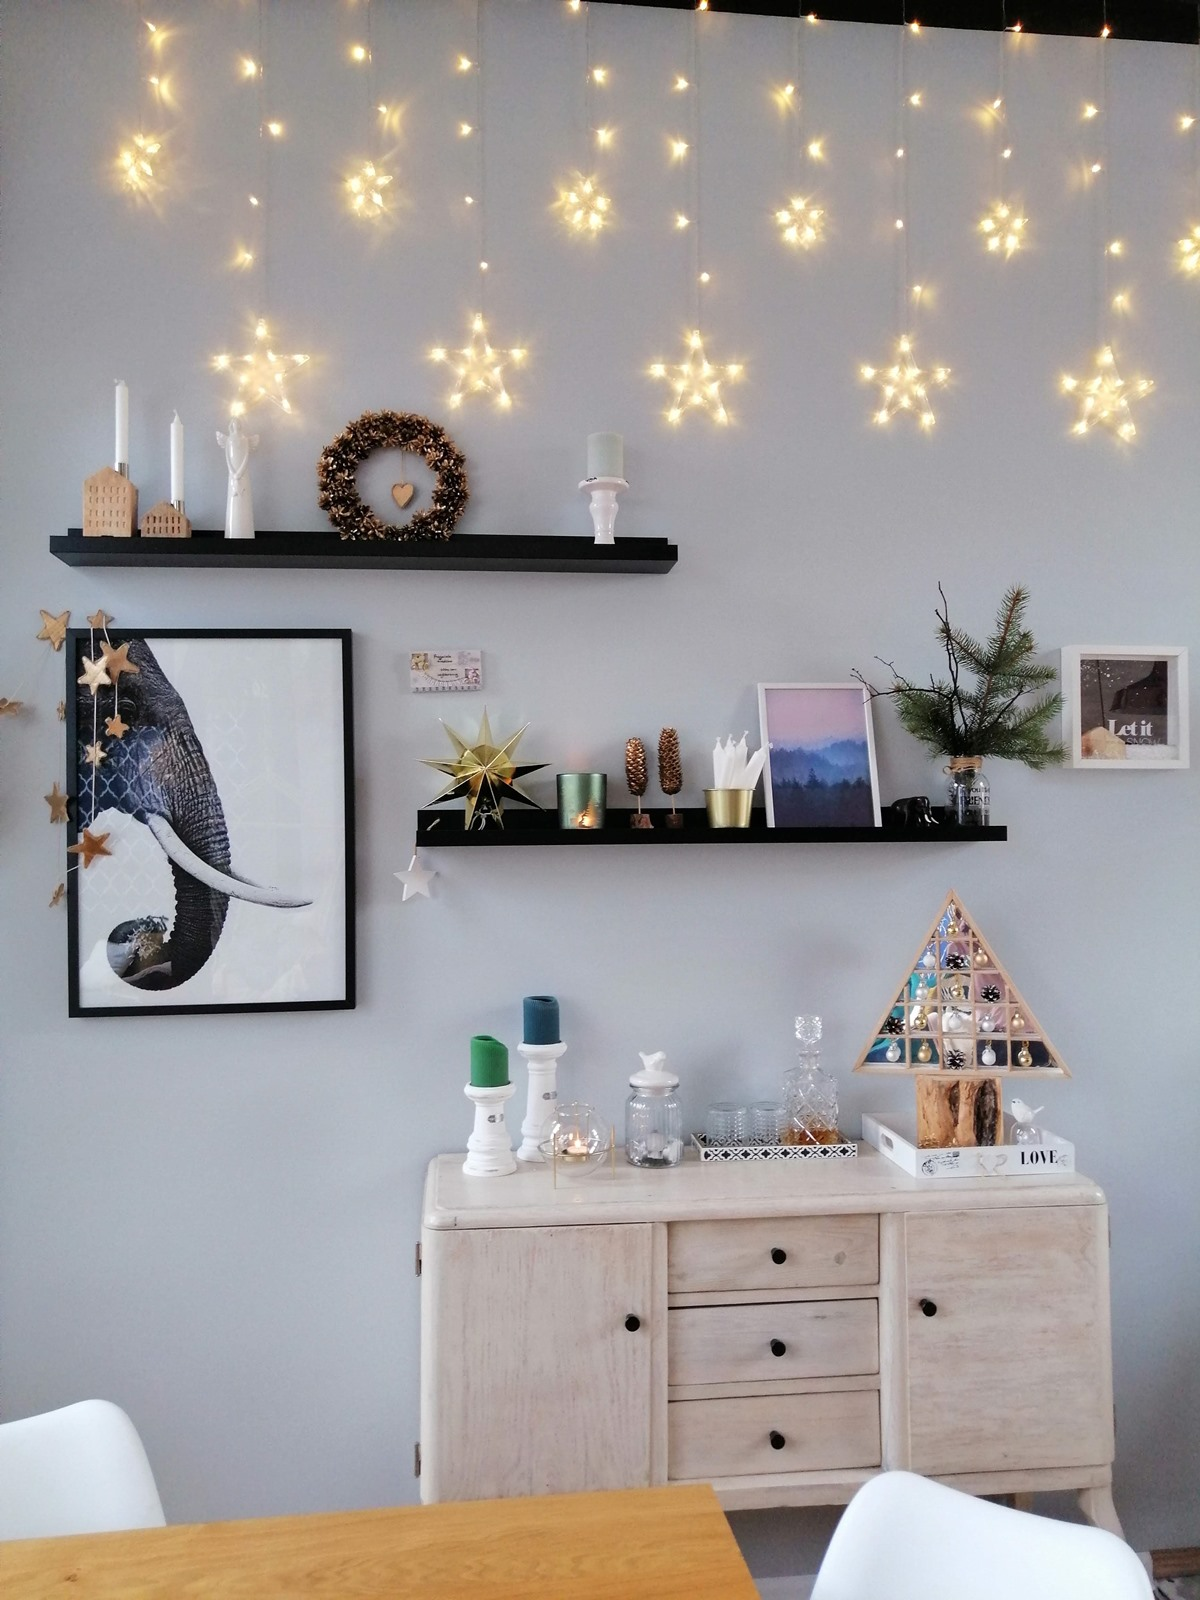 dekoracje świąteczne jakie